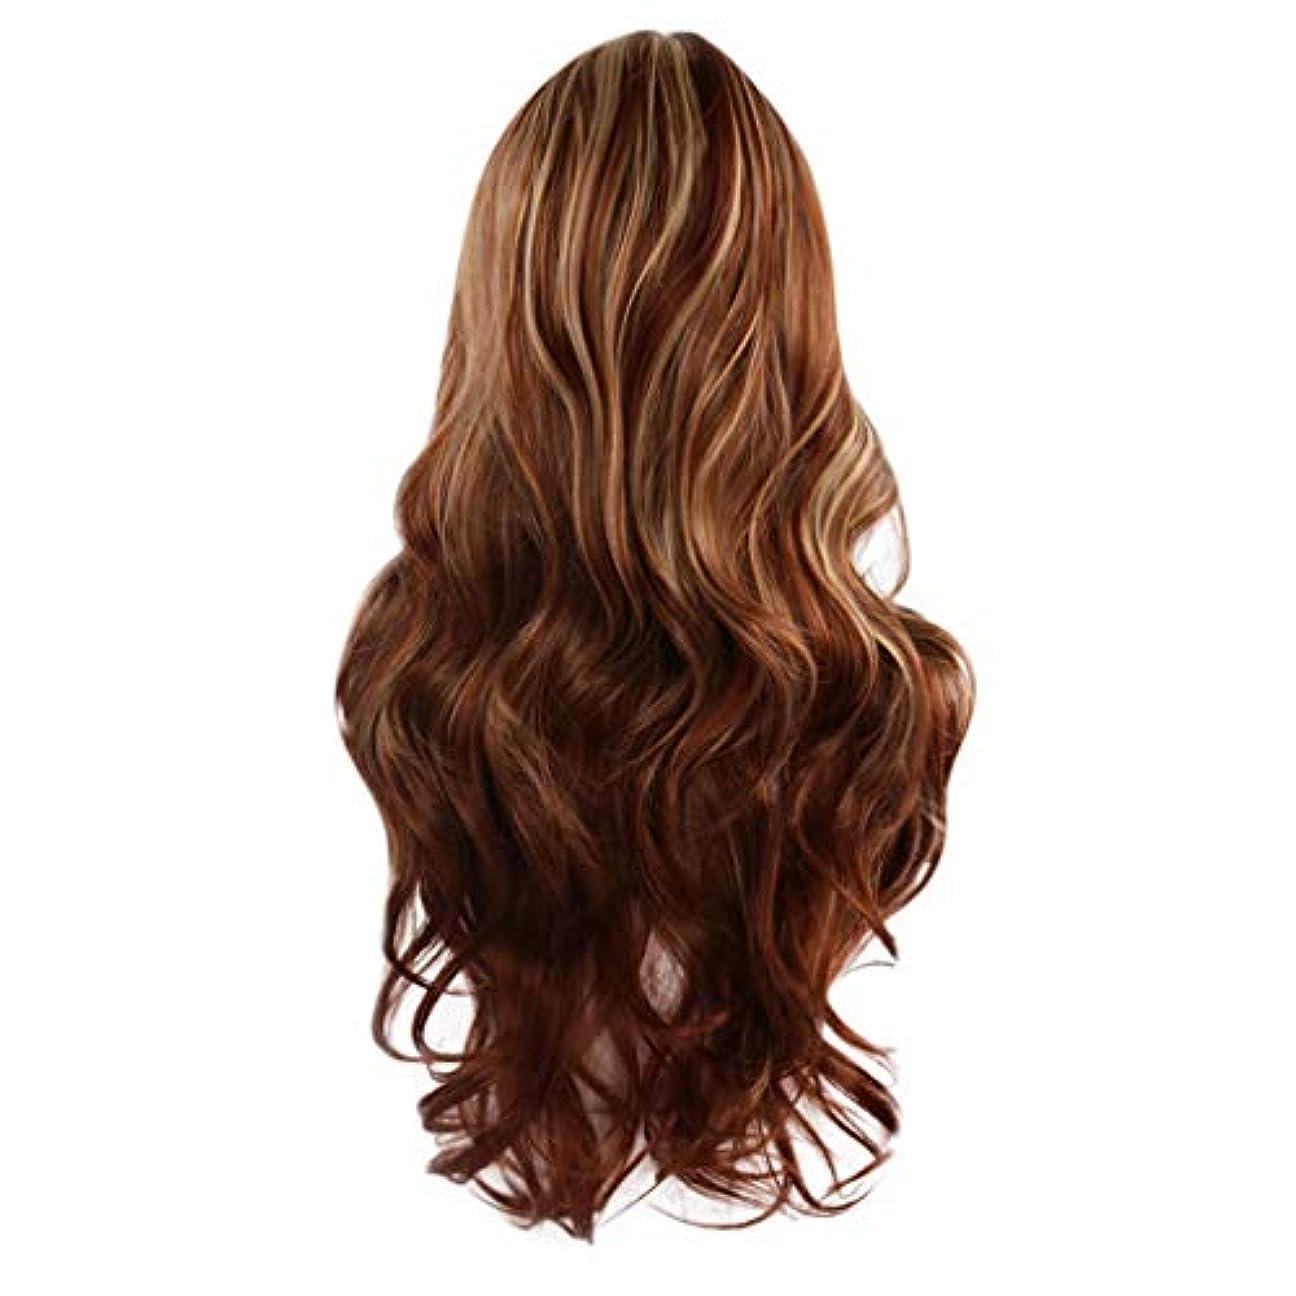 シリンダーシート人類女性の茶色の長いウェーブのかかった巻き毛のかつらフルウィッグローズネット